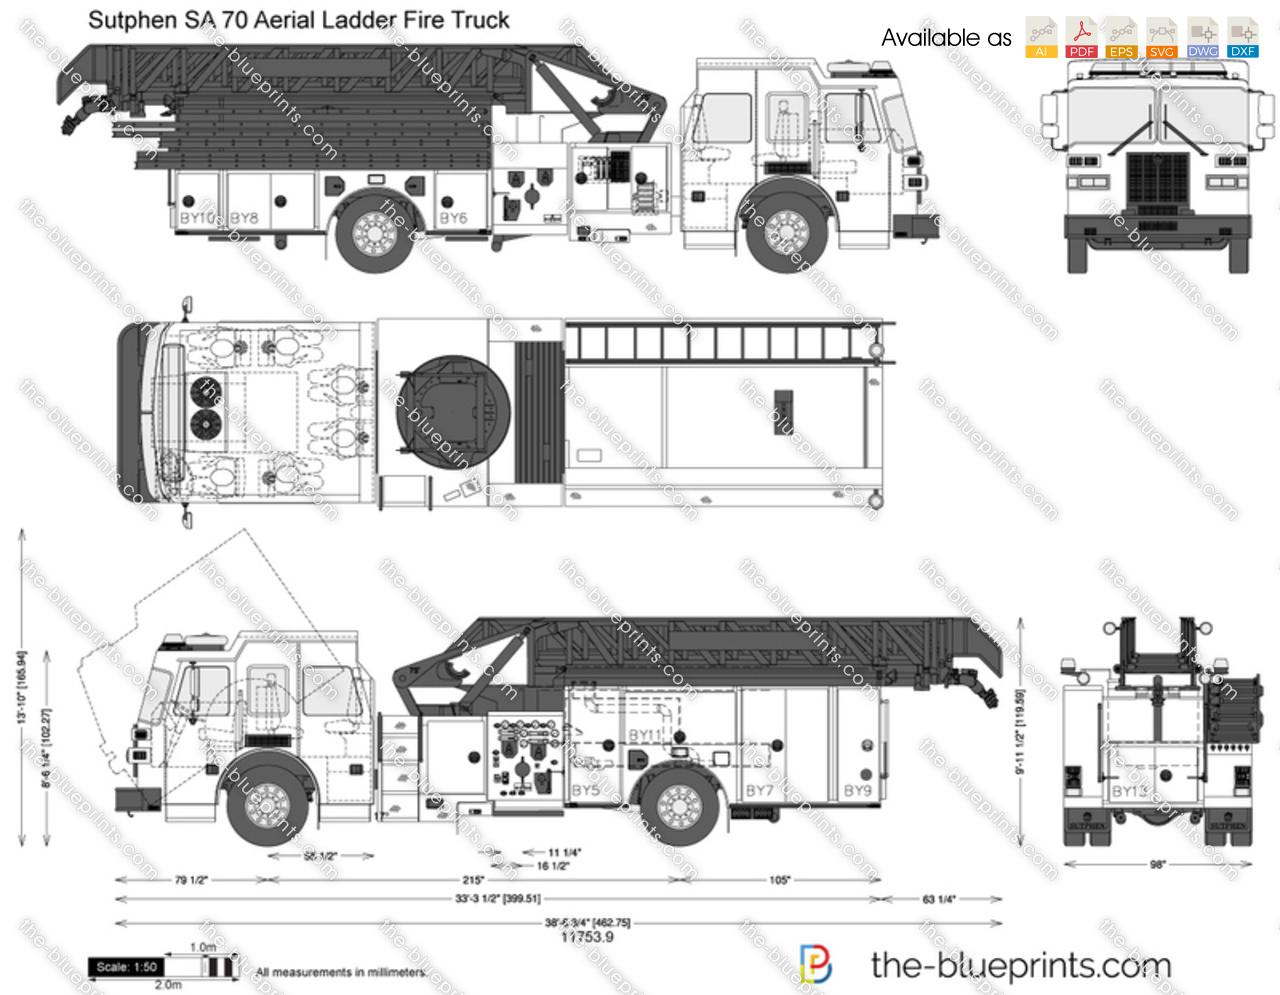 Sutphen SA 70 Aerial Ladder Fire Truck